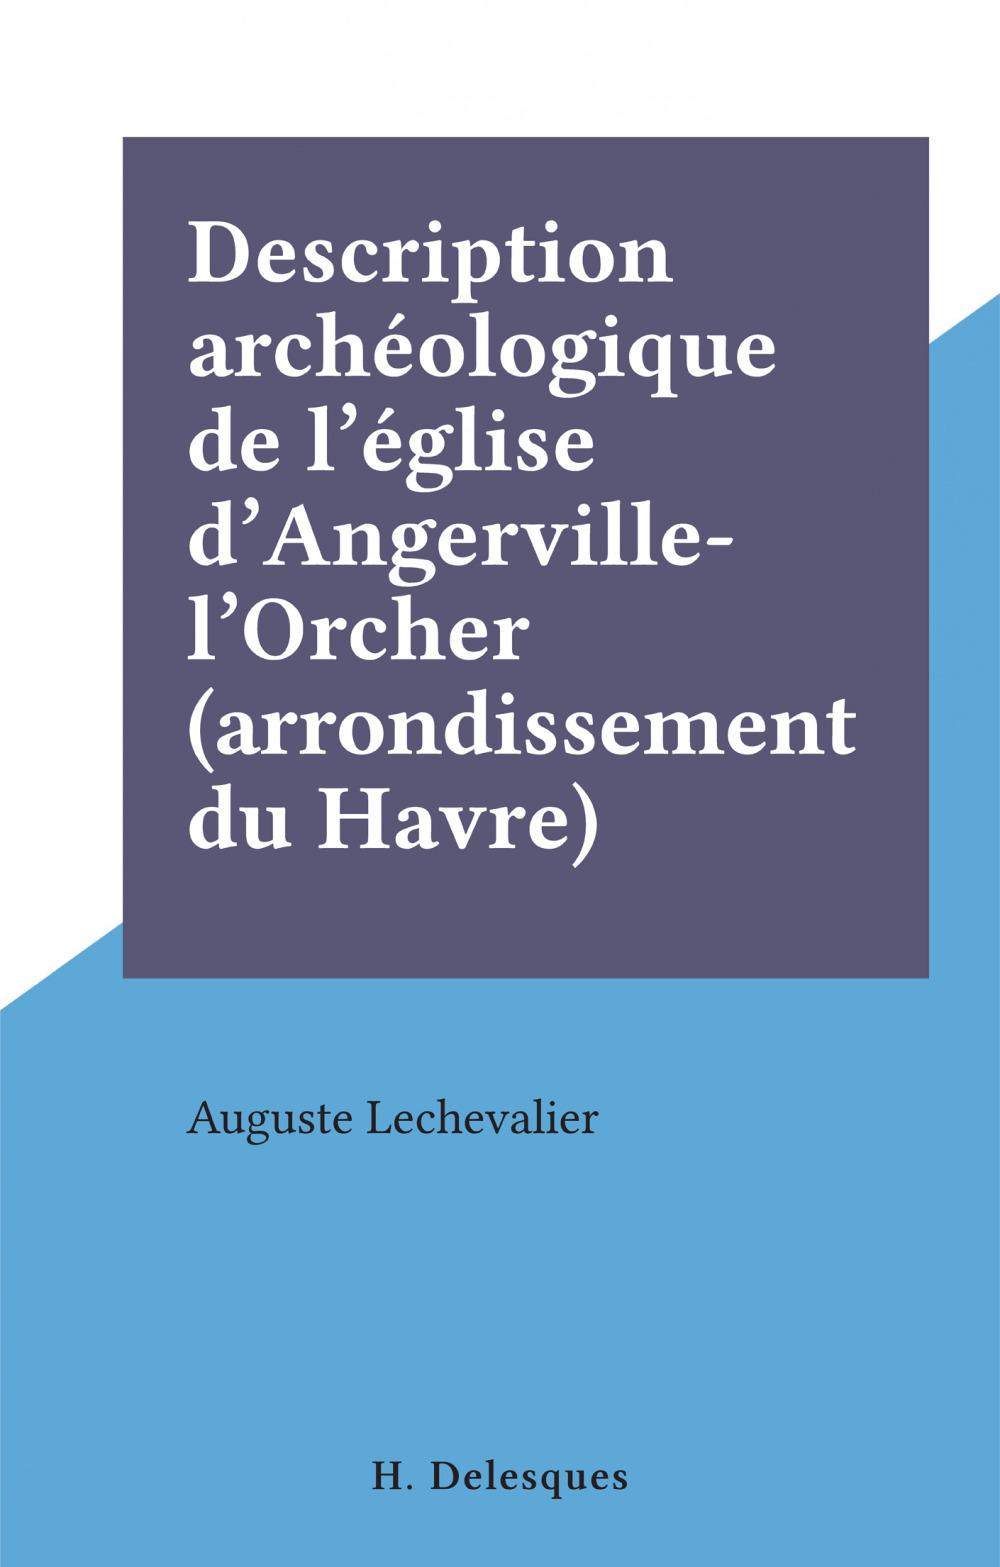 Description archéologique de l'église d'Angerville-l'Orcher (arrondissement du Havre)  - Auguste Lechevalier